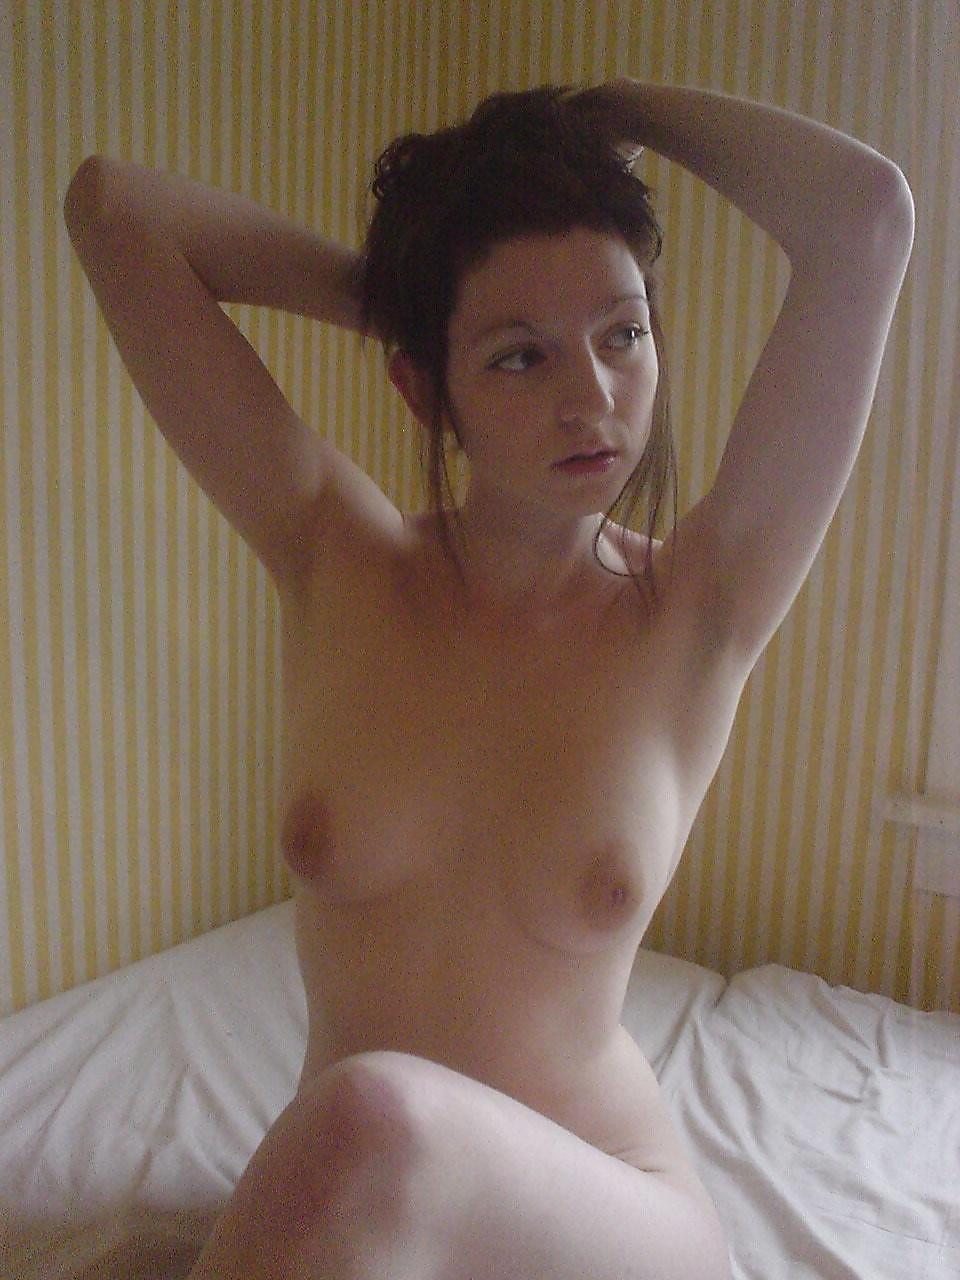 Топ-модель бахвалится голыми сиськами в парке и в своей квартире